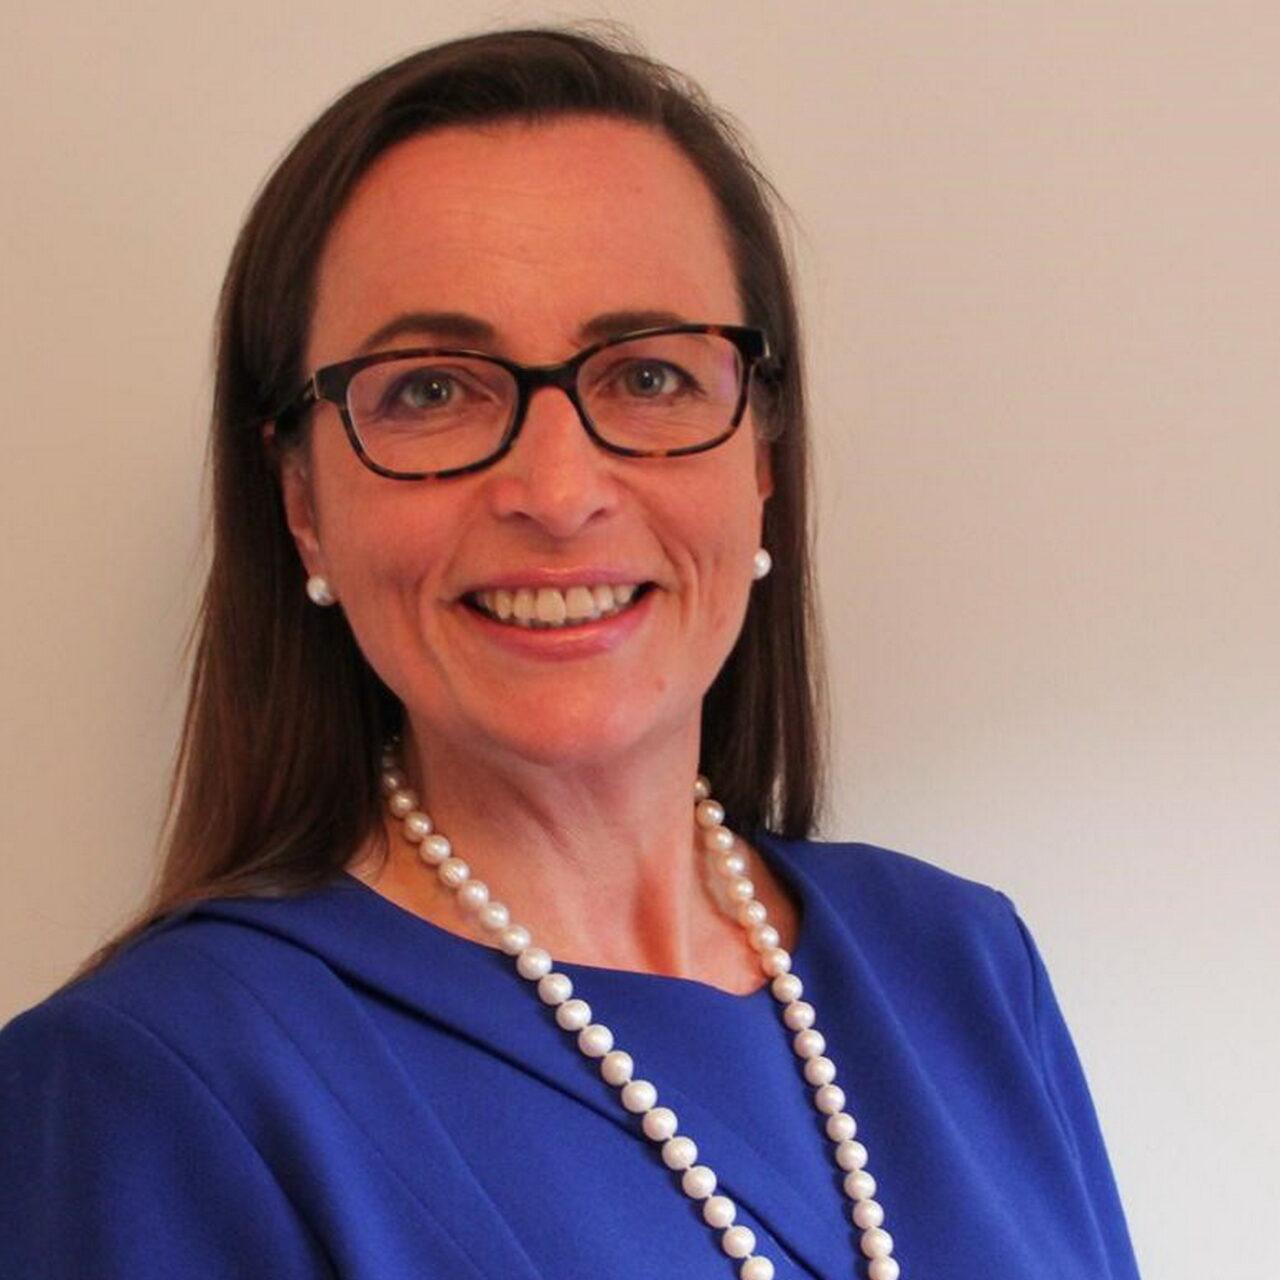 Neue Europa-CEO für Principal Global Investors